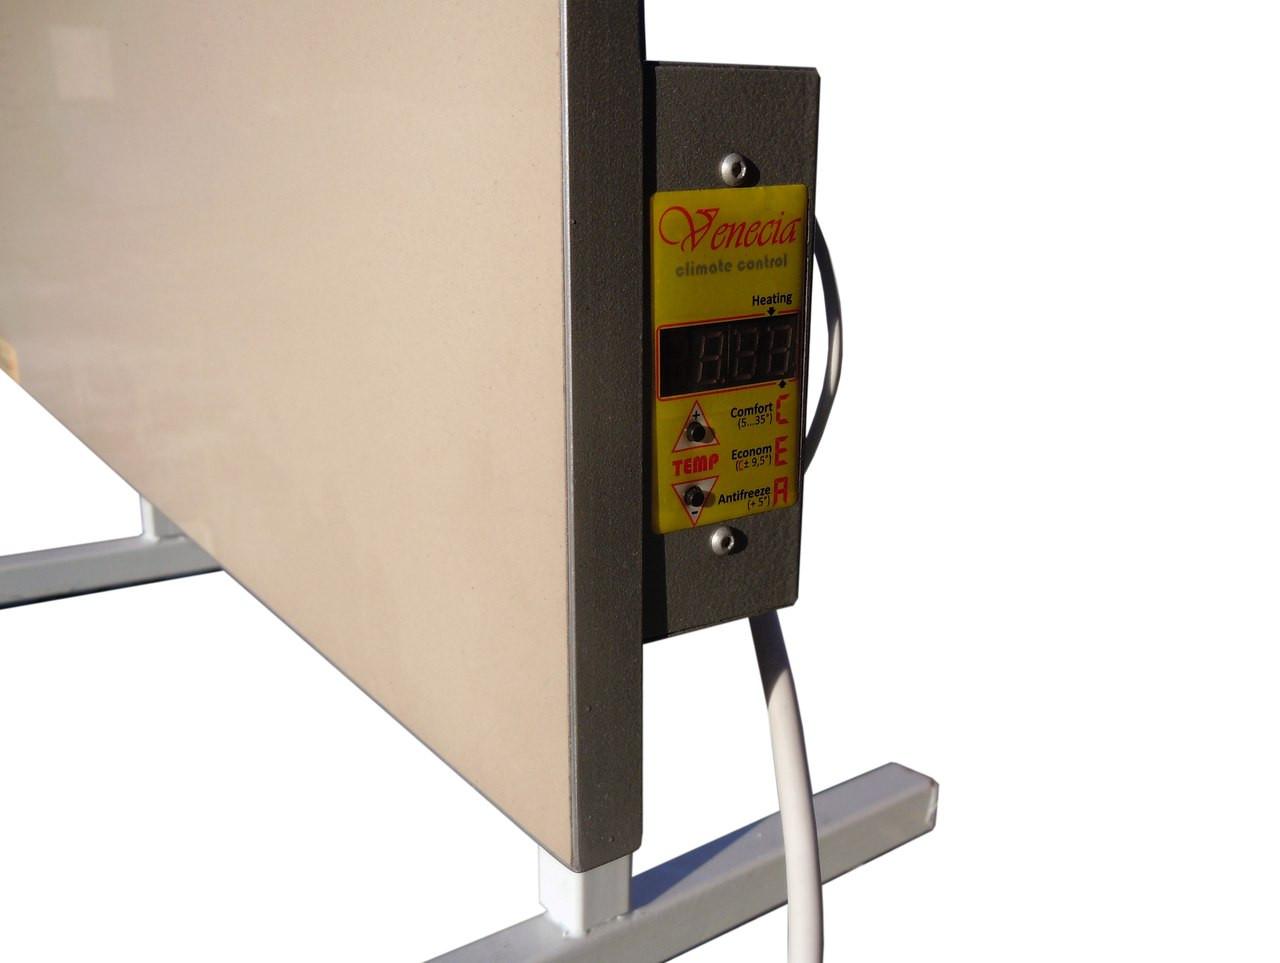 Керамический био-конвектор Венеция ПКК 700Е (60см х 60см) с встроенным терморегулятором программатором.